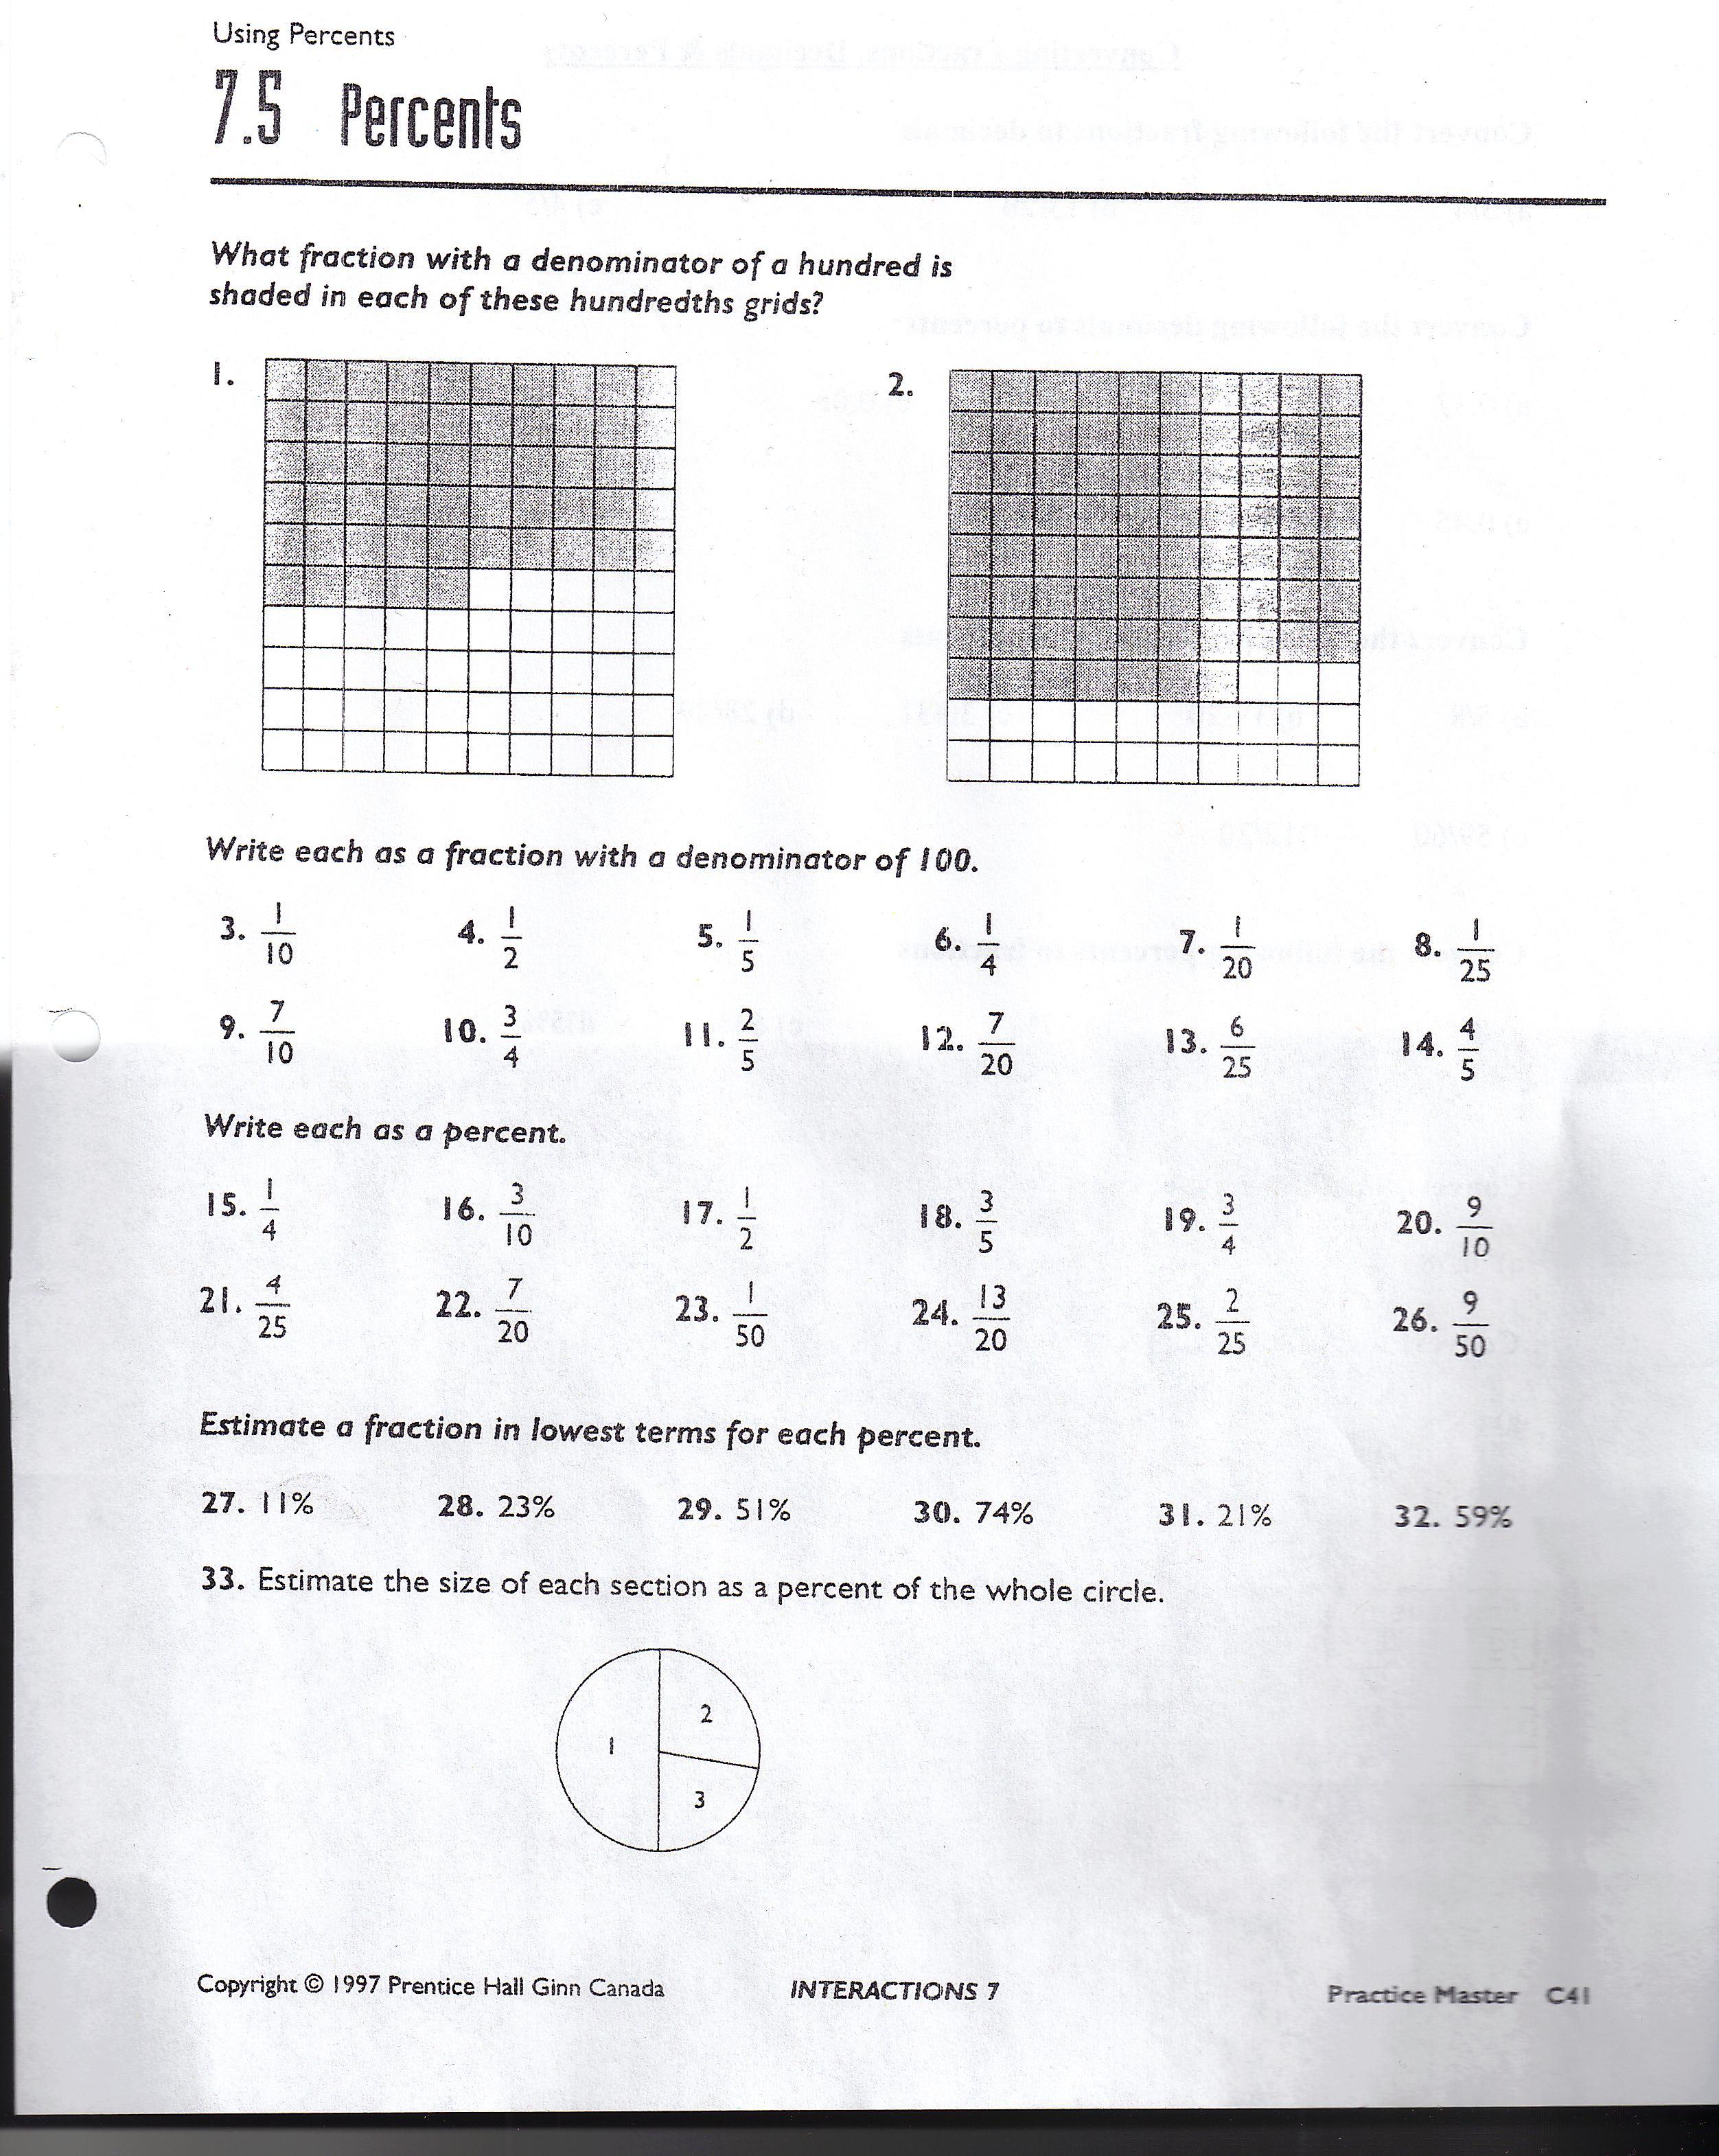 Basic Fraction Worksheet 130 131